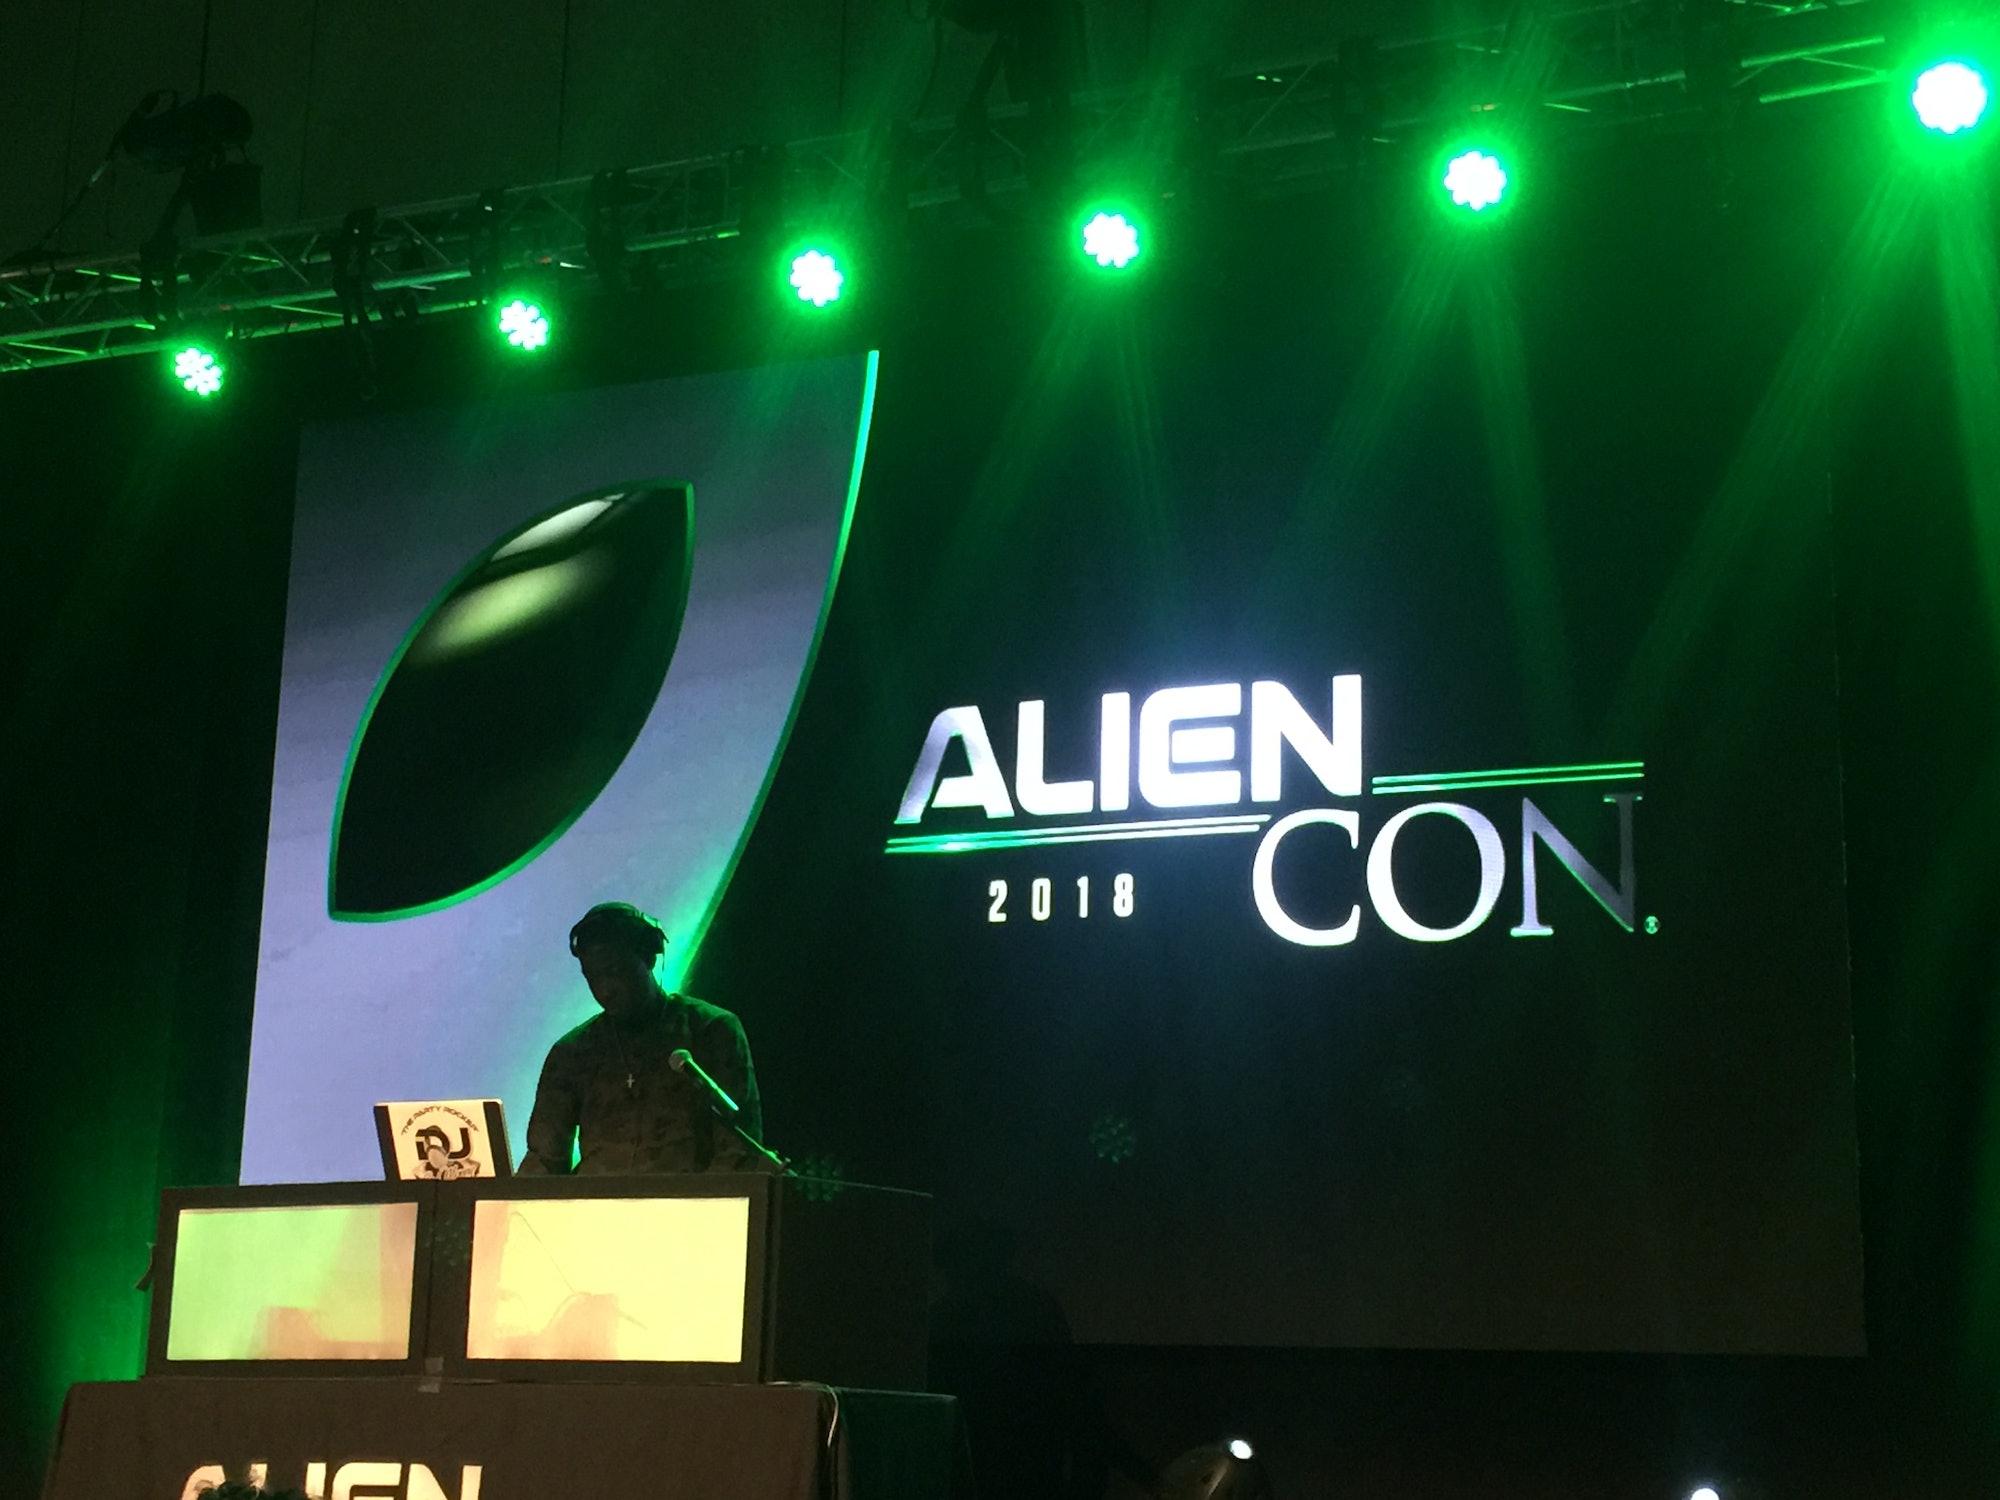 aliencon